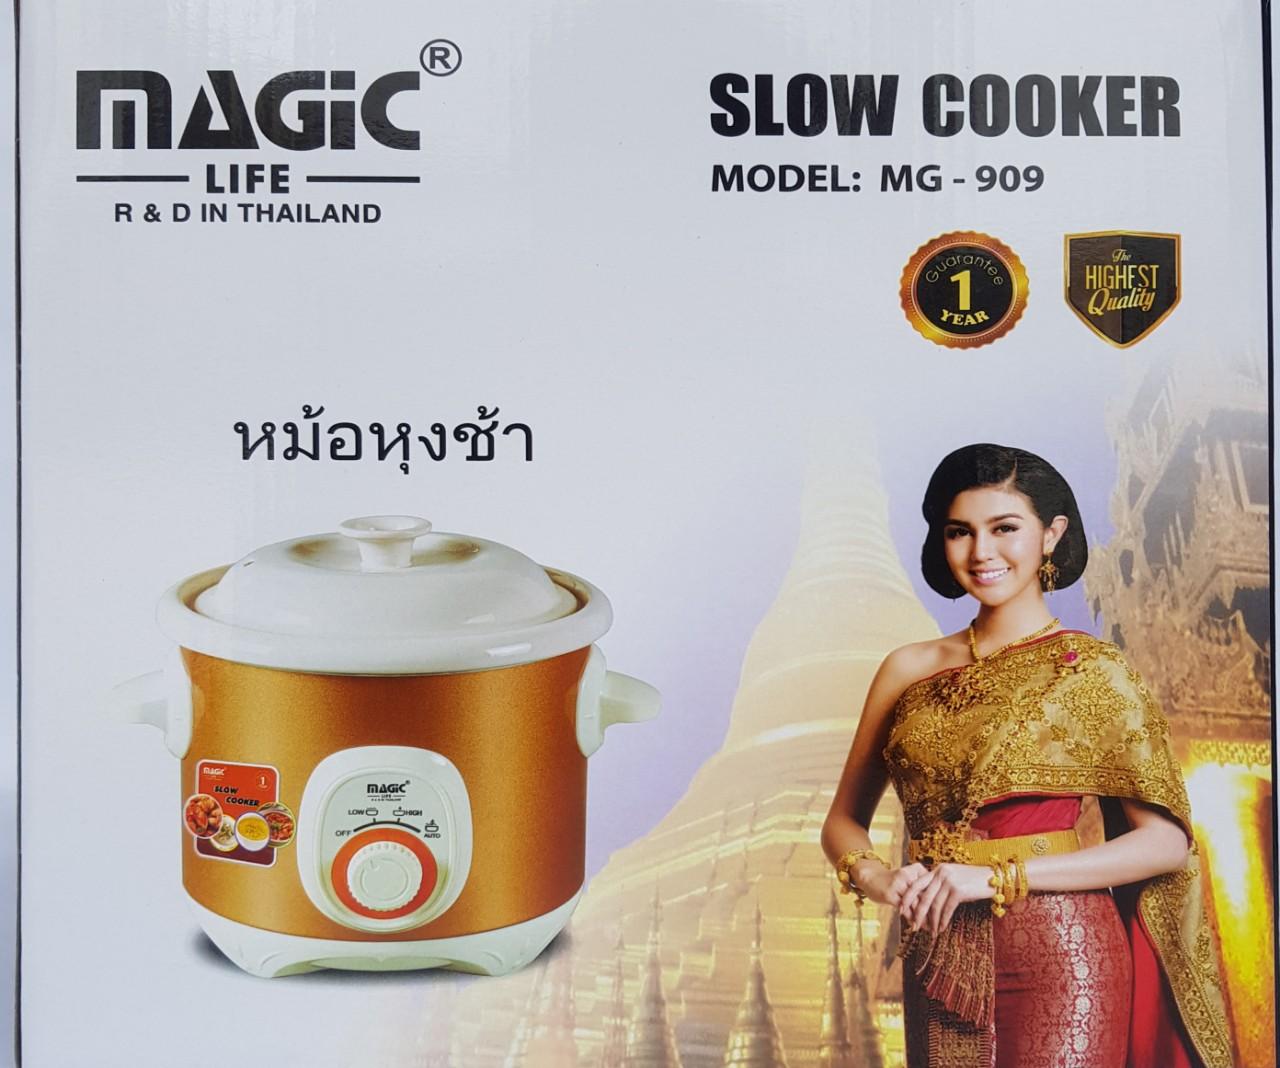 NỒI HẦM NẤU CHẬM ĐA NĂNG, NẤU CHÁO ĂN DẶM, Dung tích 2.5L, Công suất 180W MagicLife MG-909 - Hàng Chính Hãng